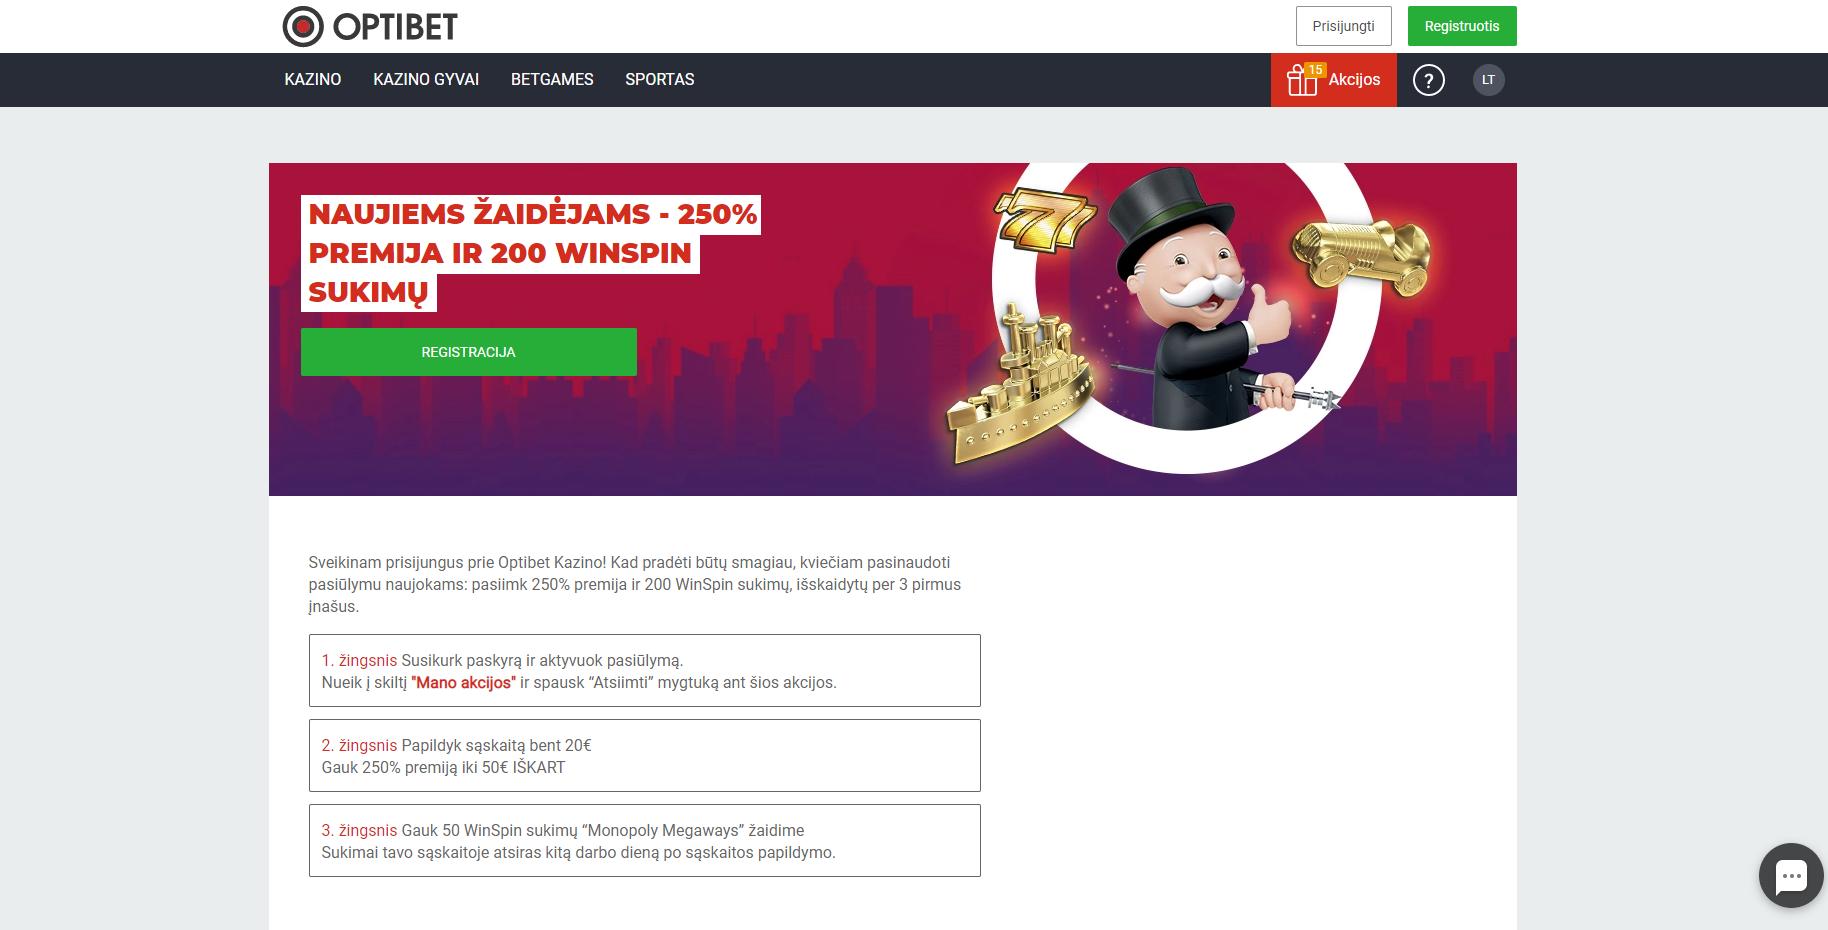 optibet akcijos kodas - 250% premija iki 50€ 200 nemokamų sukimų Win Spins 15% pinigų grąžinimas pragmatic play iššūkis - optibet free spins